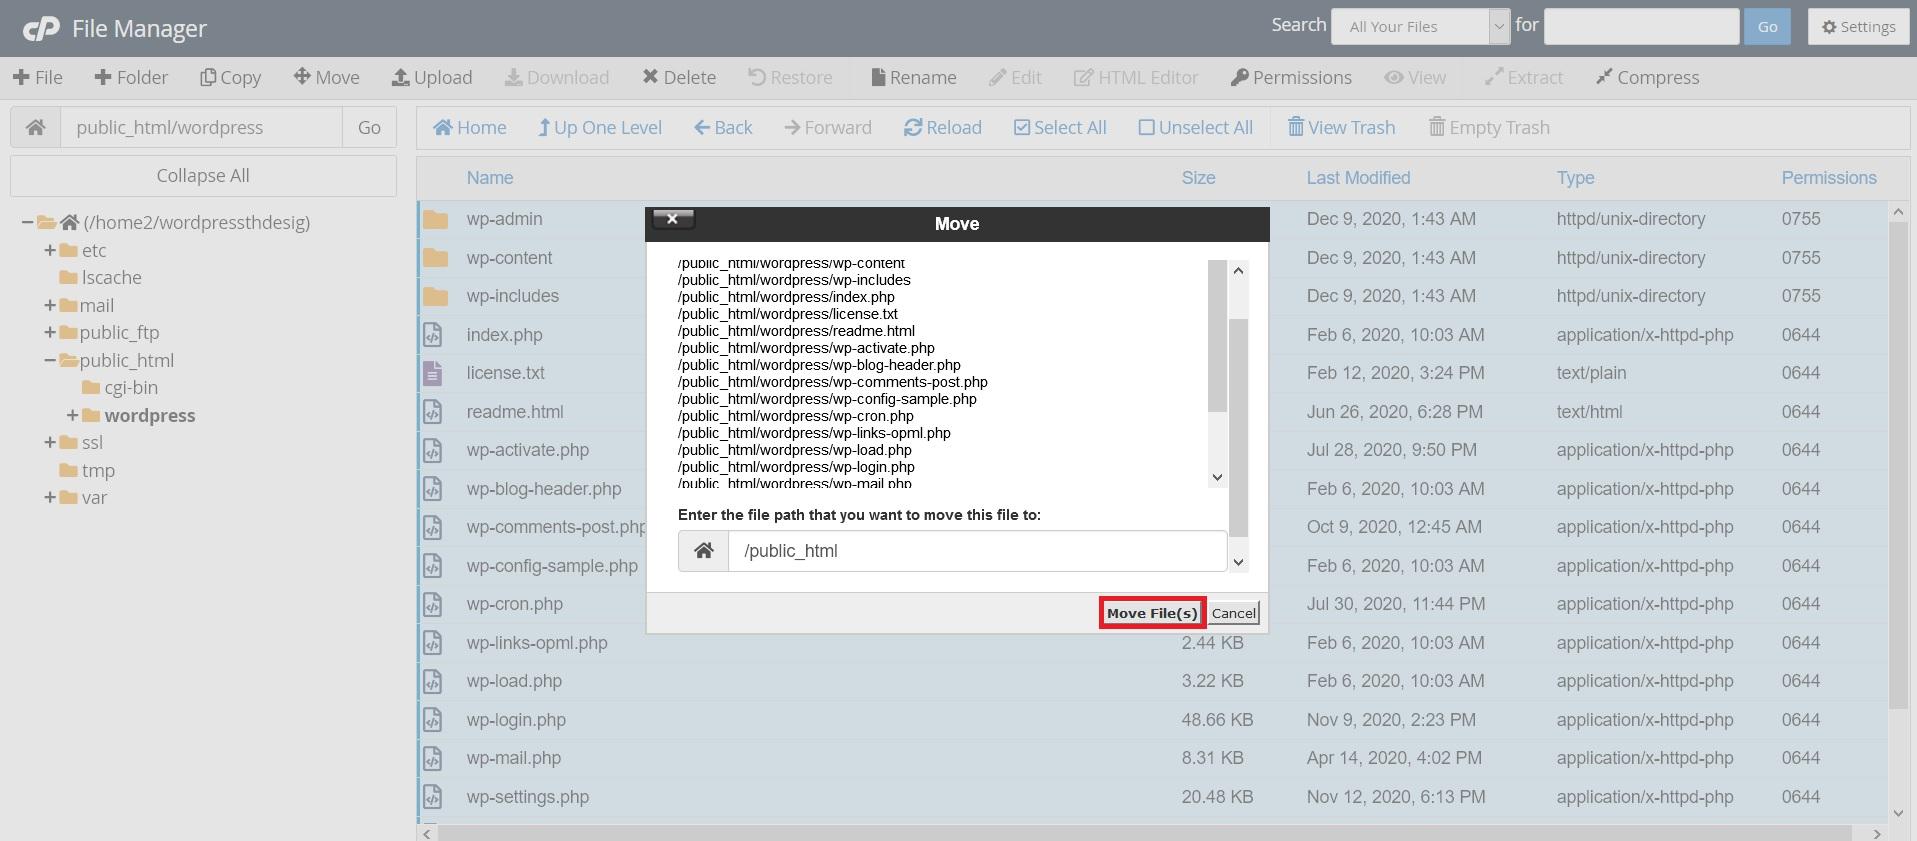 انتقال فایل در مدیریت فایل سی پنل